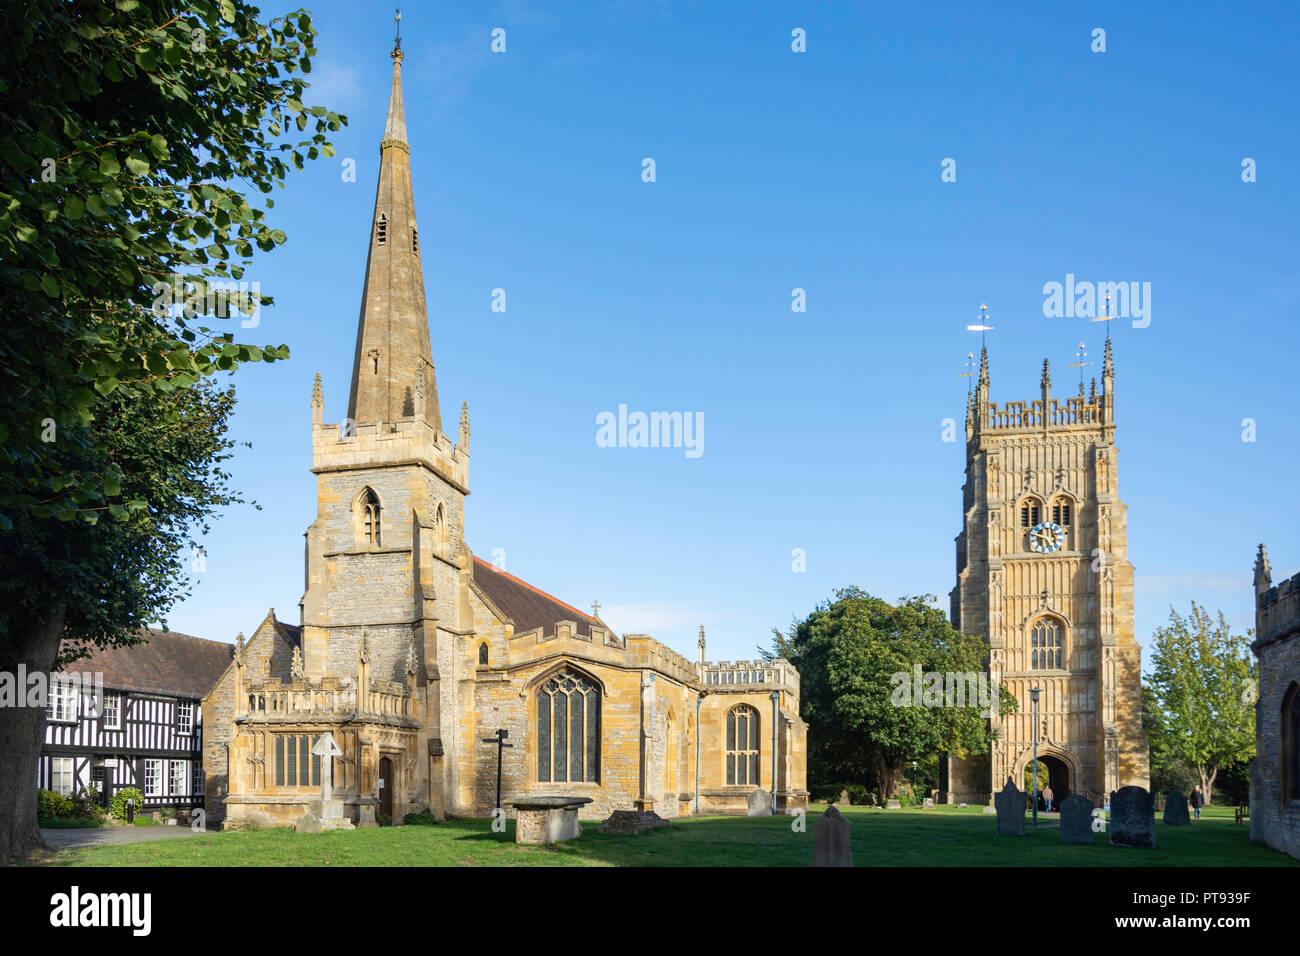 Tutti i Santi la Chiesa Parrocchiale e il campanile a torre, Evesham Abbey, Evesham, Worcestershire, England, Regno Unito Foto Stock